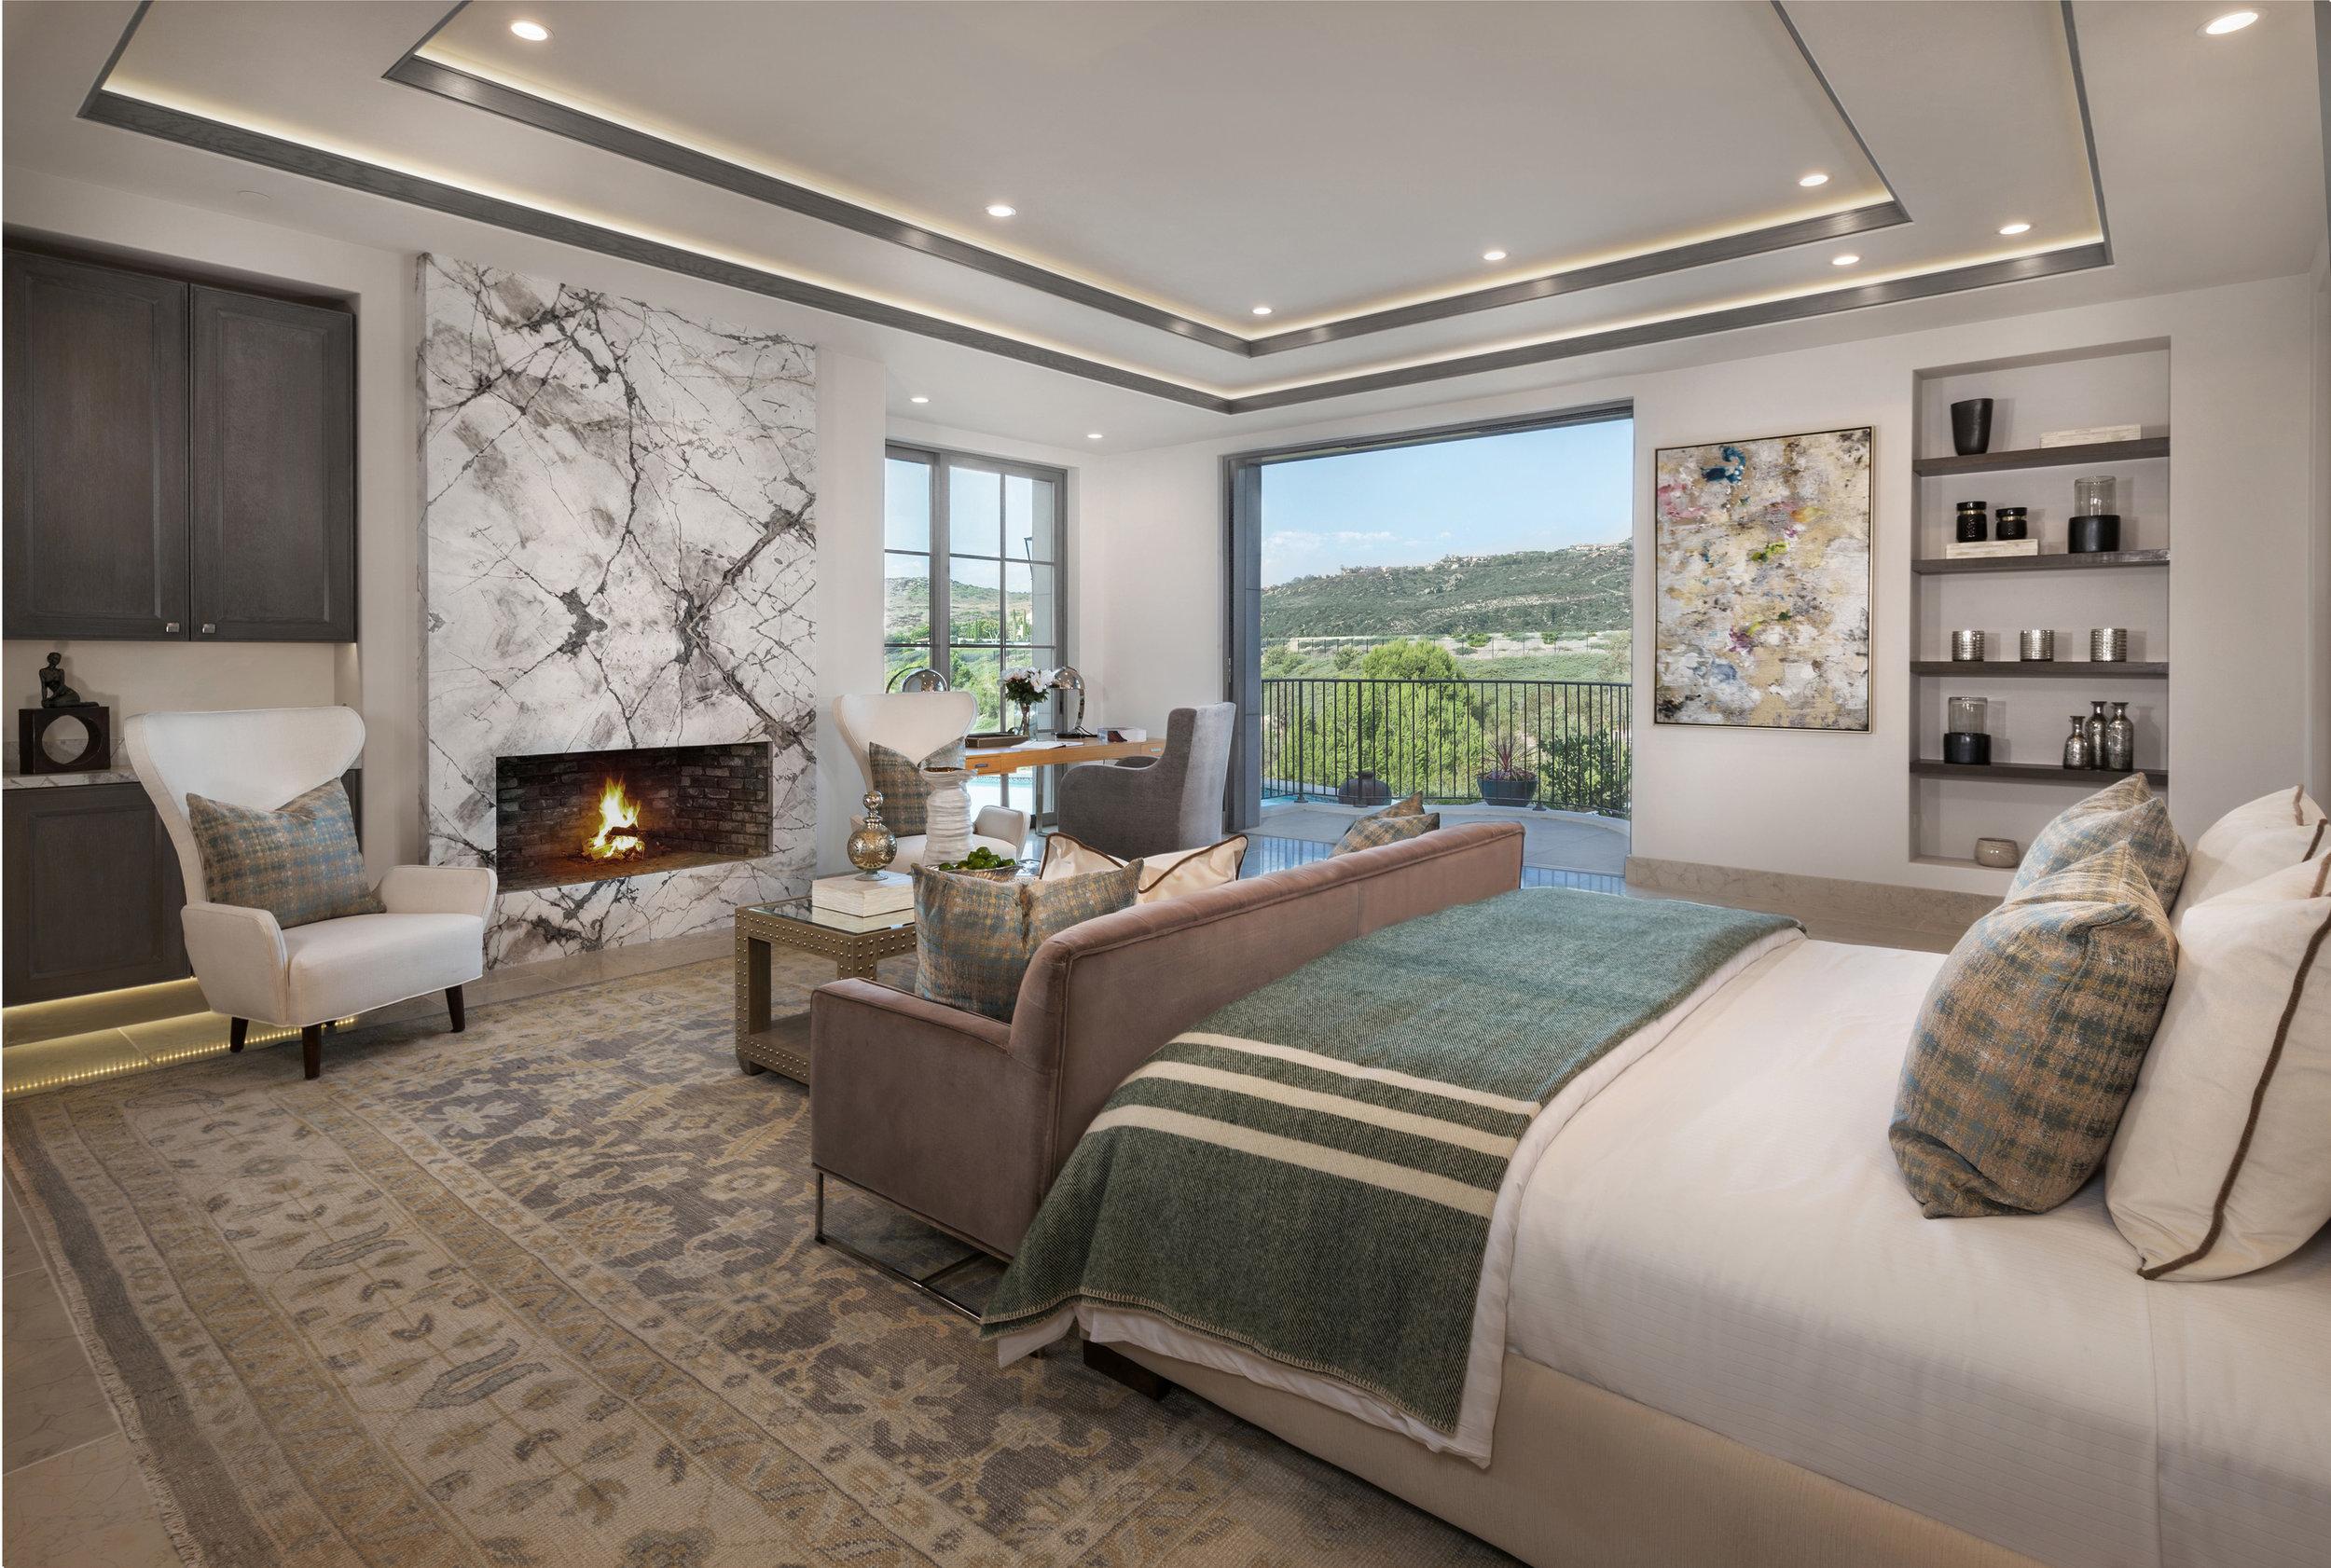 5CoralRidge_L2-Masterbedroom-DoorsOpen_3010v-3300.jpg